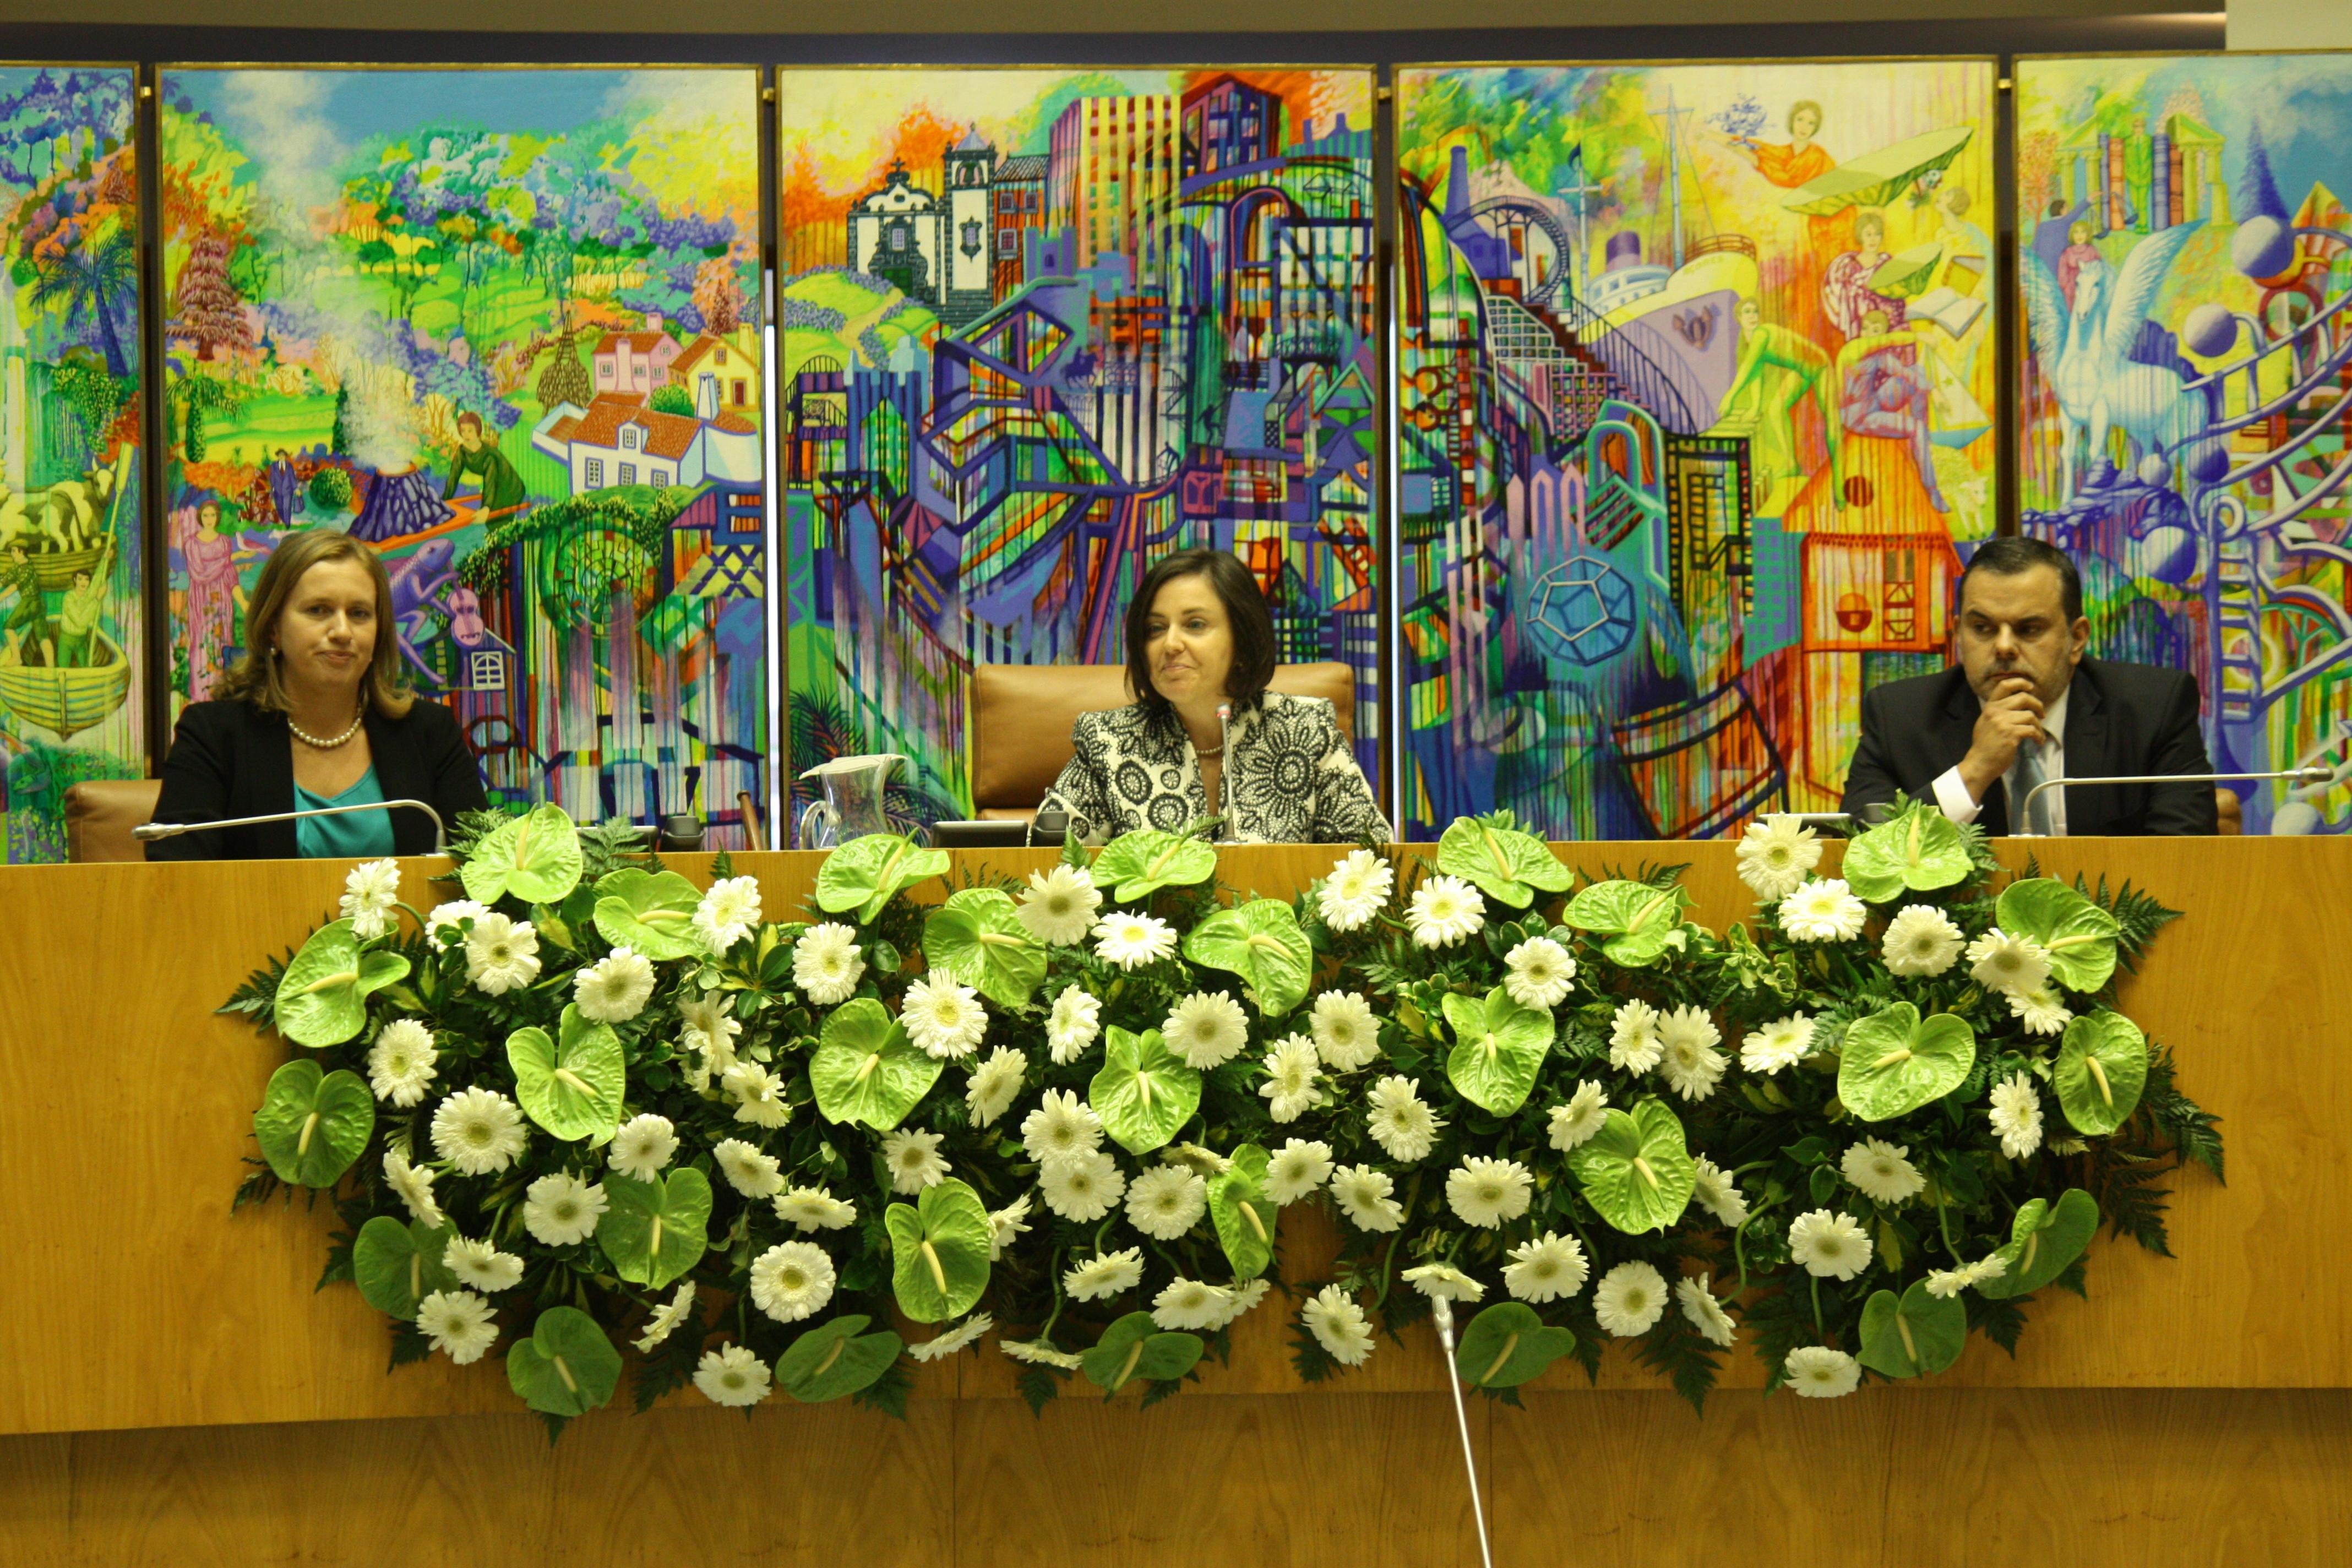 Assembleia Legislativa Regional está constituída – Ana Luís é reeleita para o cargo de Presidente da Assembleia